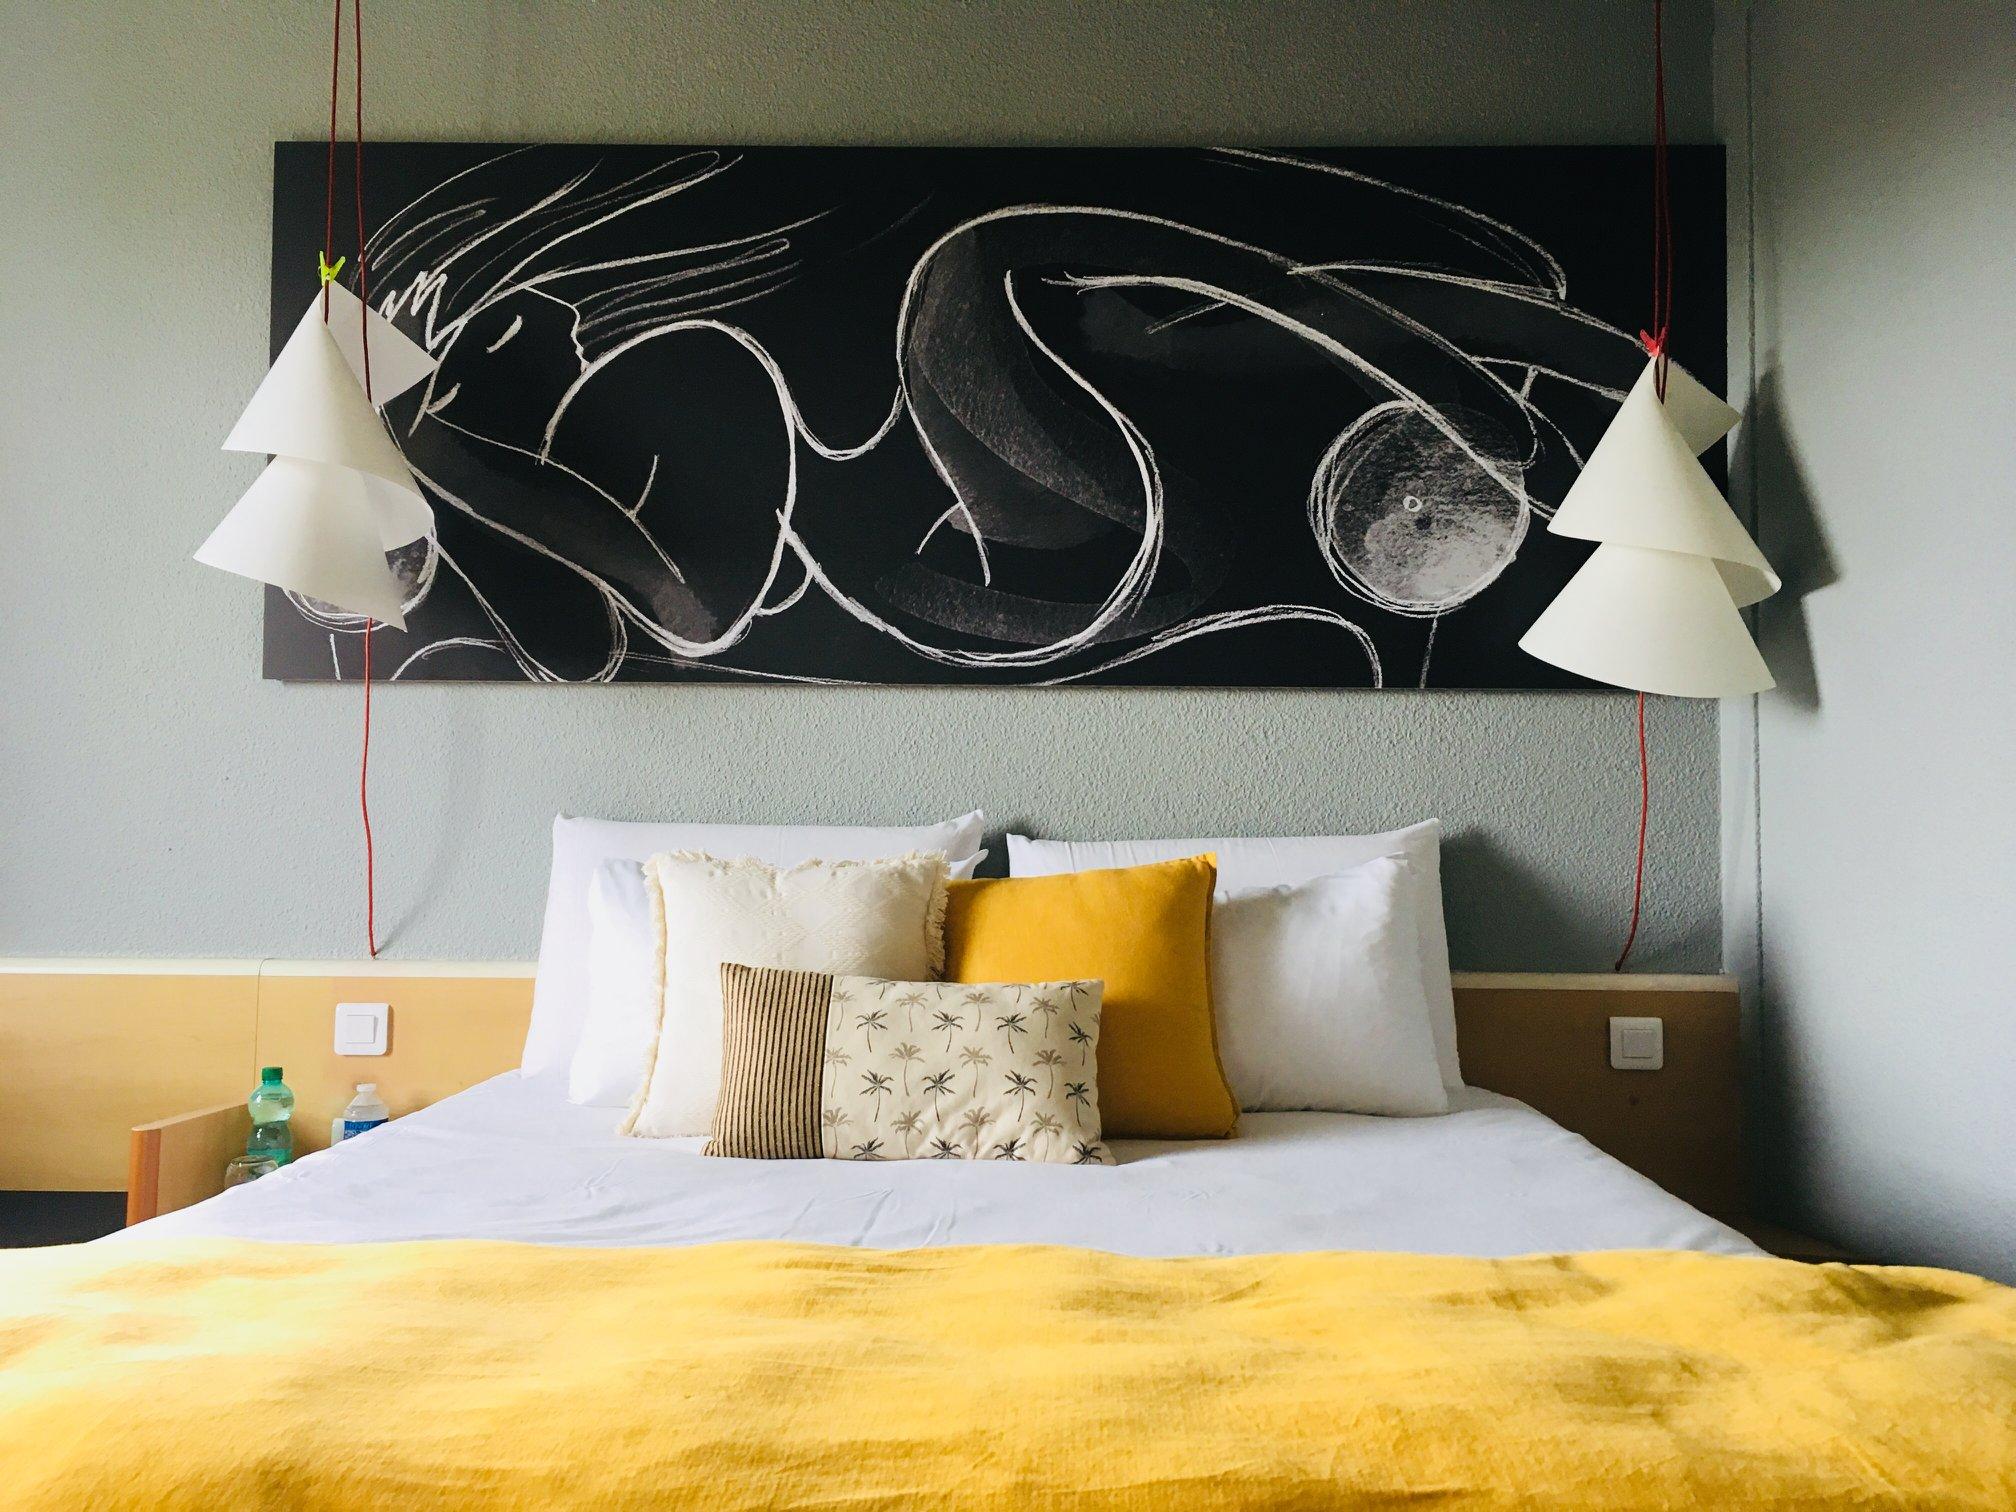 Décoration tendance et personnalisée dans les nouvelles chambres supérieures de l'Ibis de la zone CAP'NOR de Cherbourg en Cotentin